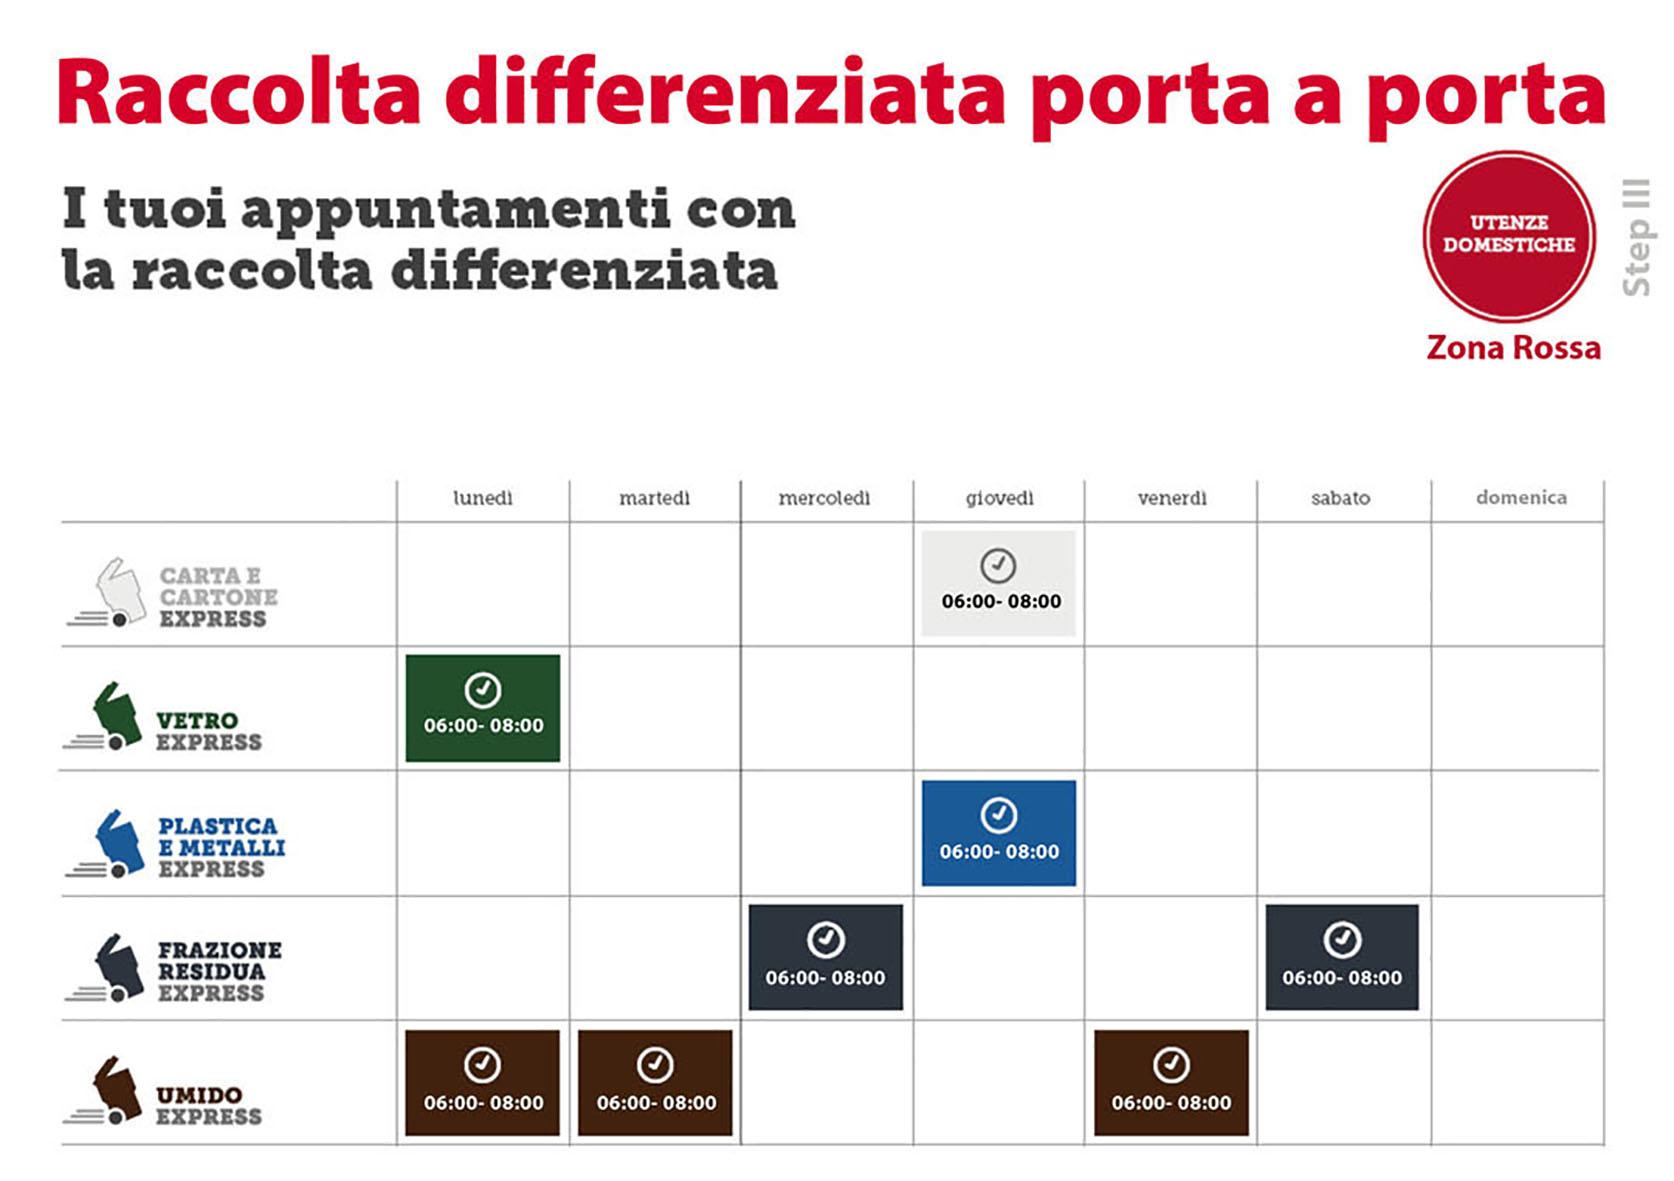 Raccolta Differenziata Siracusa Calendario 2019.Come E Quando I Calendari Per Palermo Differenzia 2 Step3